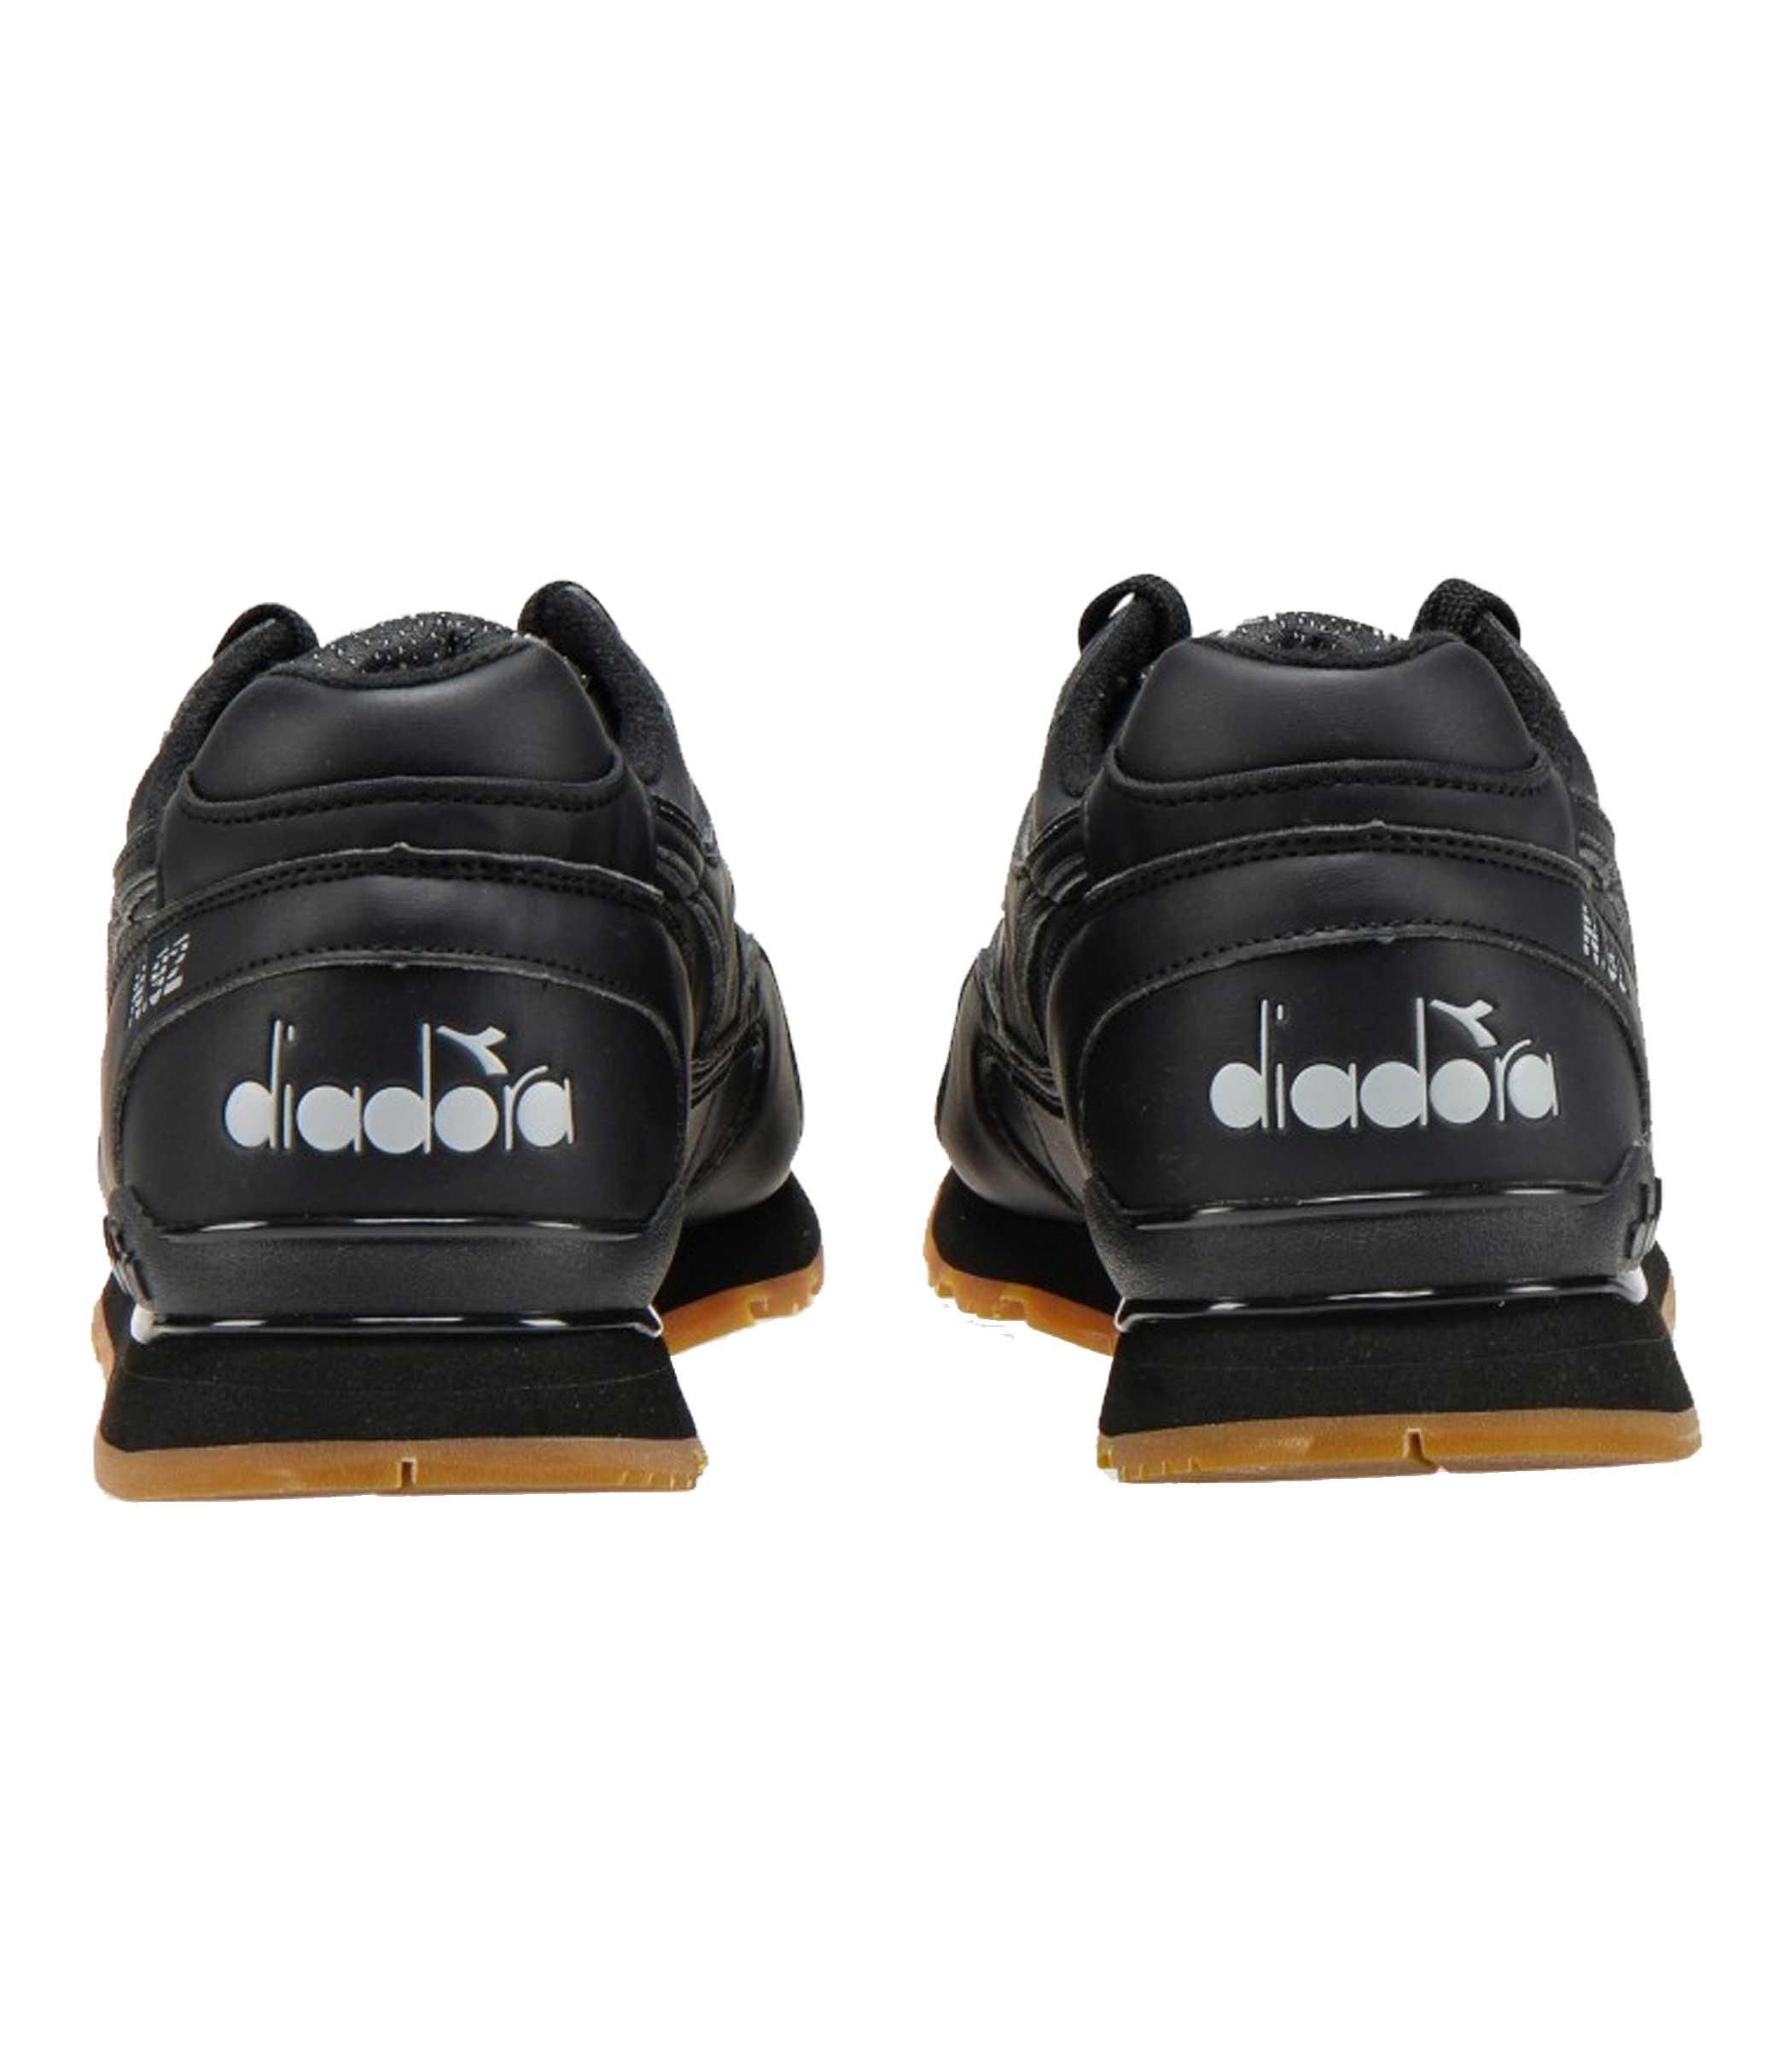 173744 101 Scarpe Sneakers Rif Da Uomo L N Diadora 92 Afx8AzO a9f556ff56b